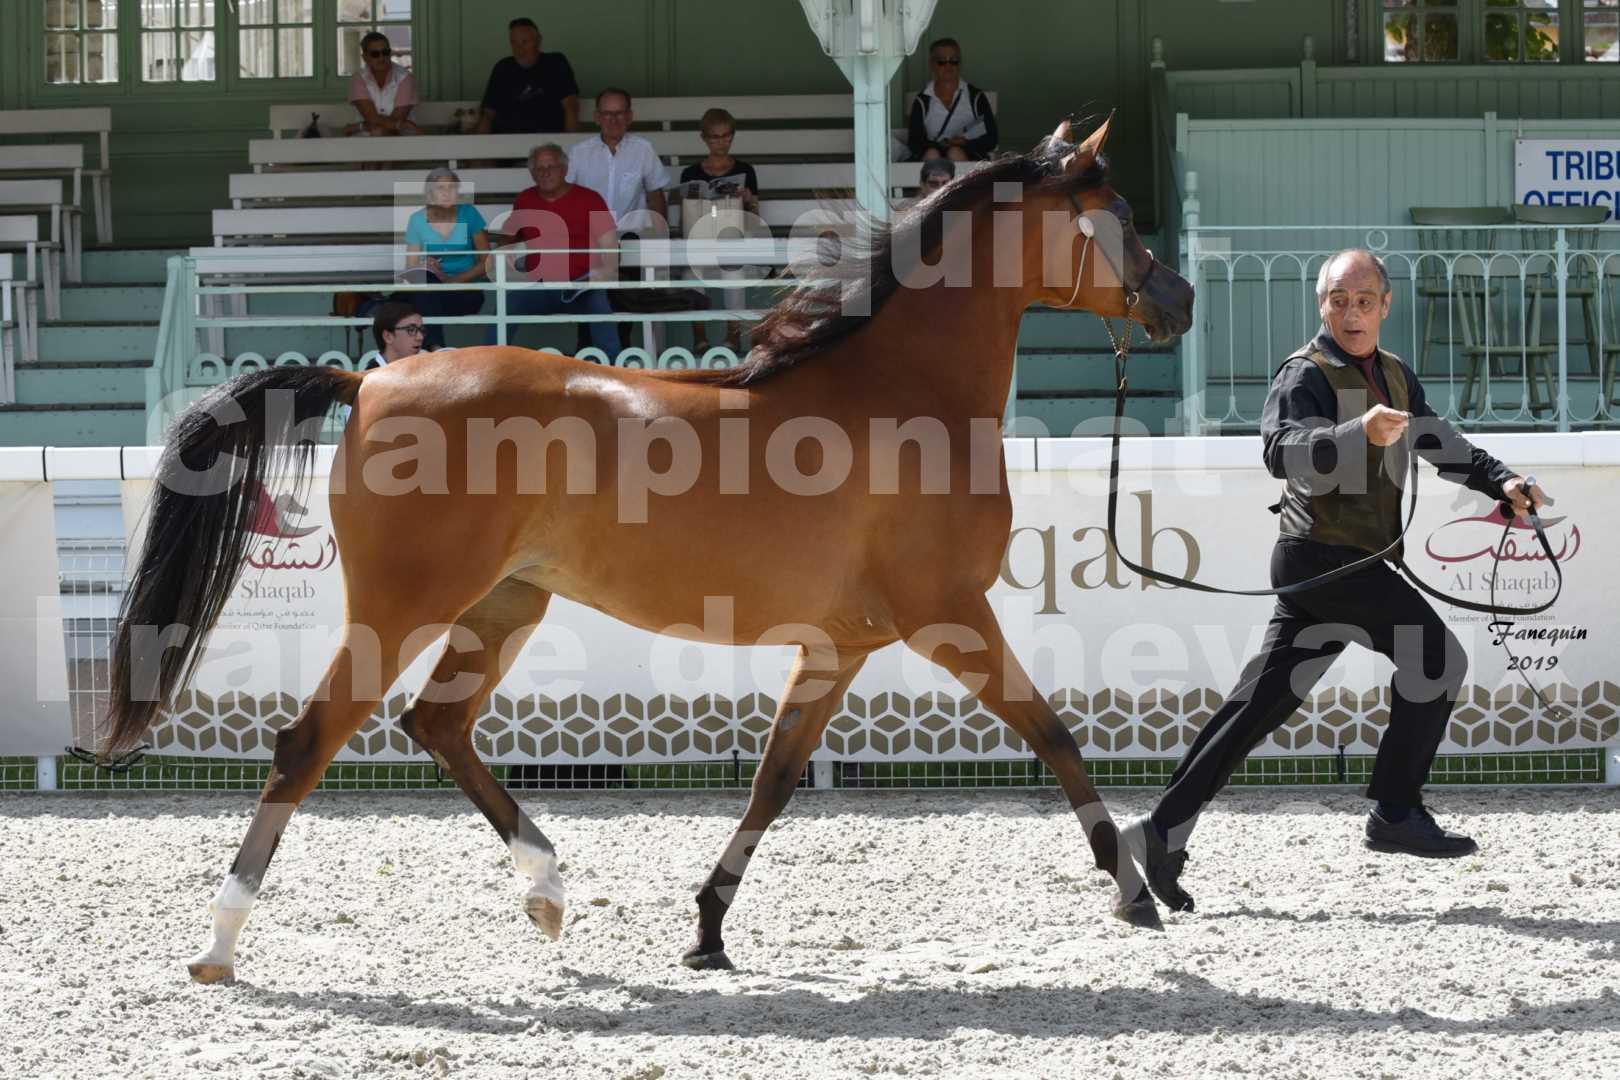 Championnat de France des chevaux Arabes en 2019 à VICHY - SH CHARISMA - 1